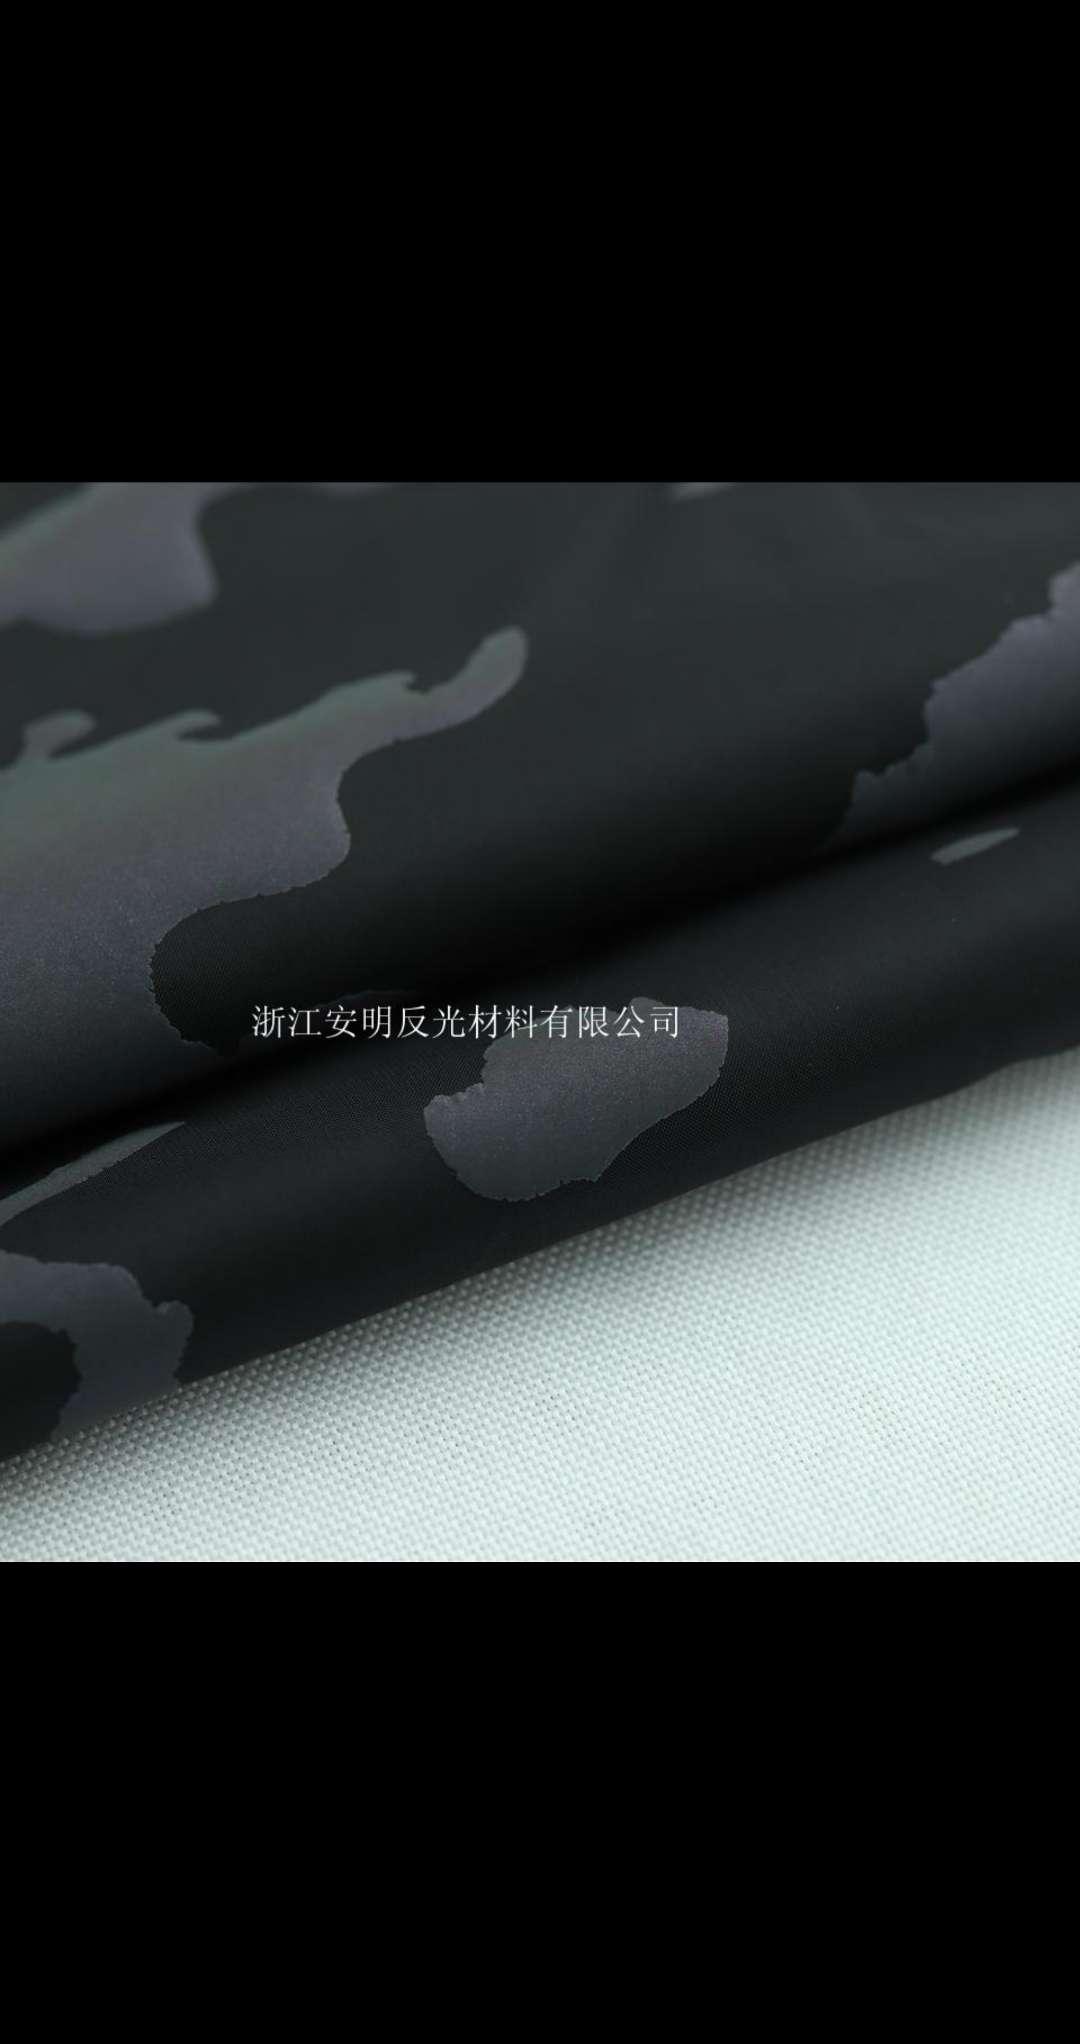 厂家直供 黑色七彩迷彩尼丝仿面料 时装面料